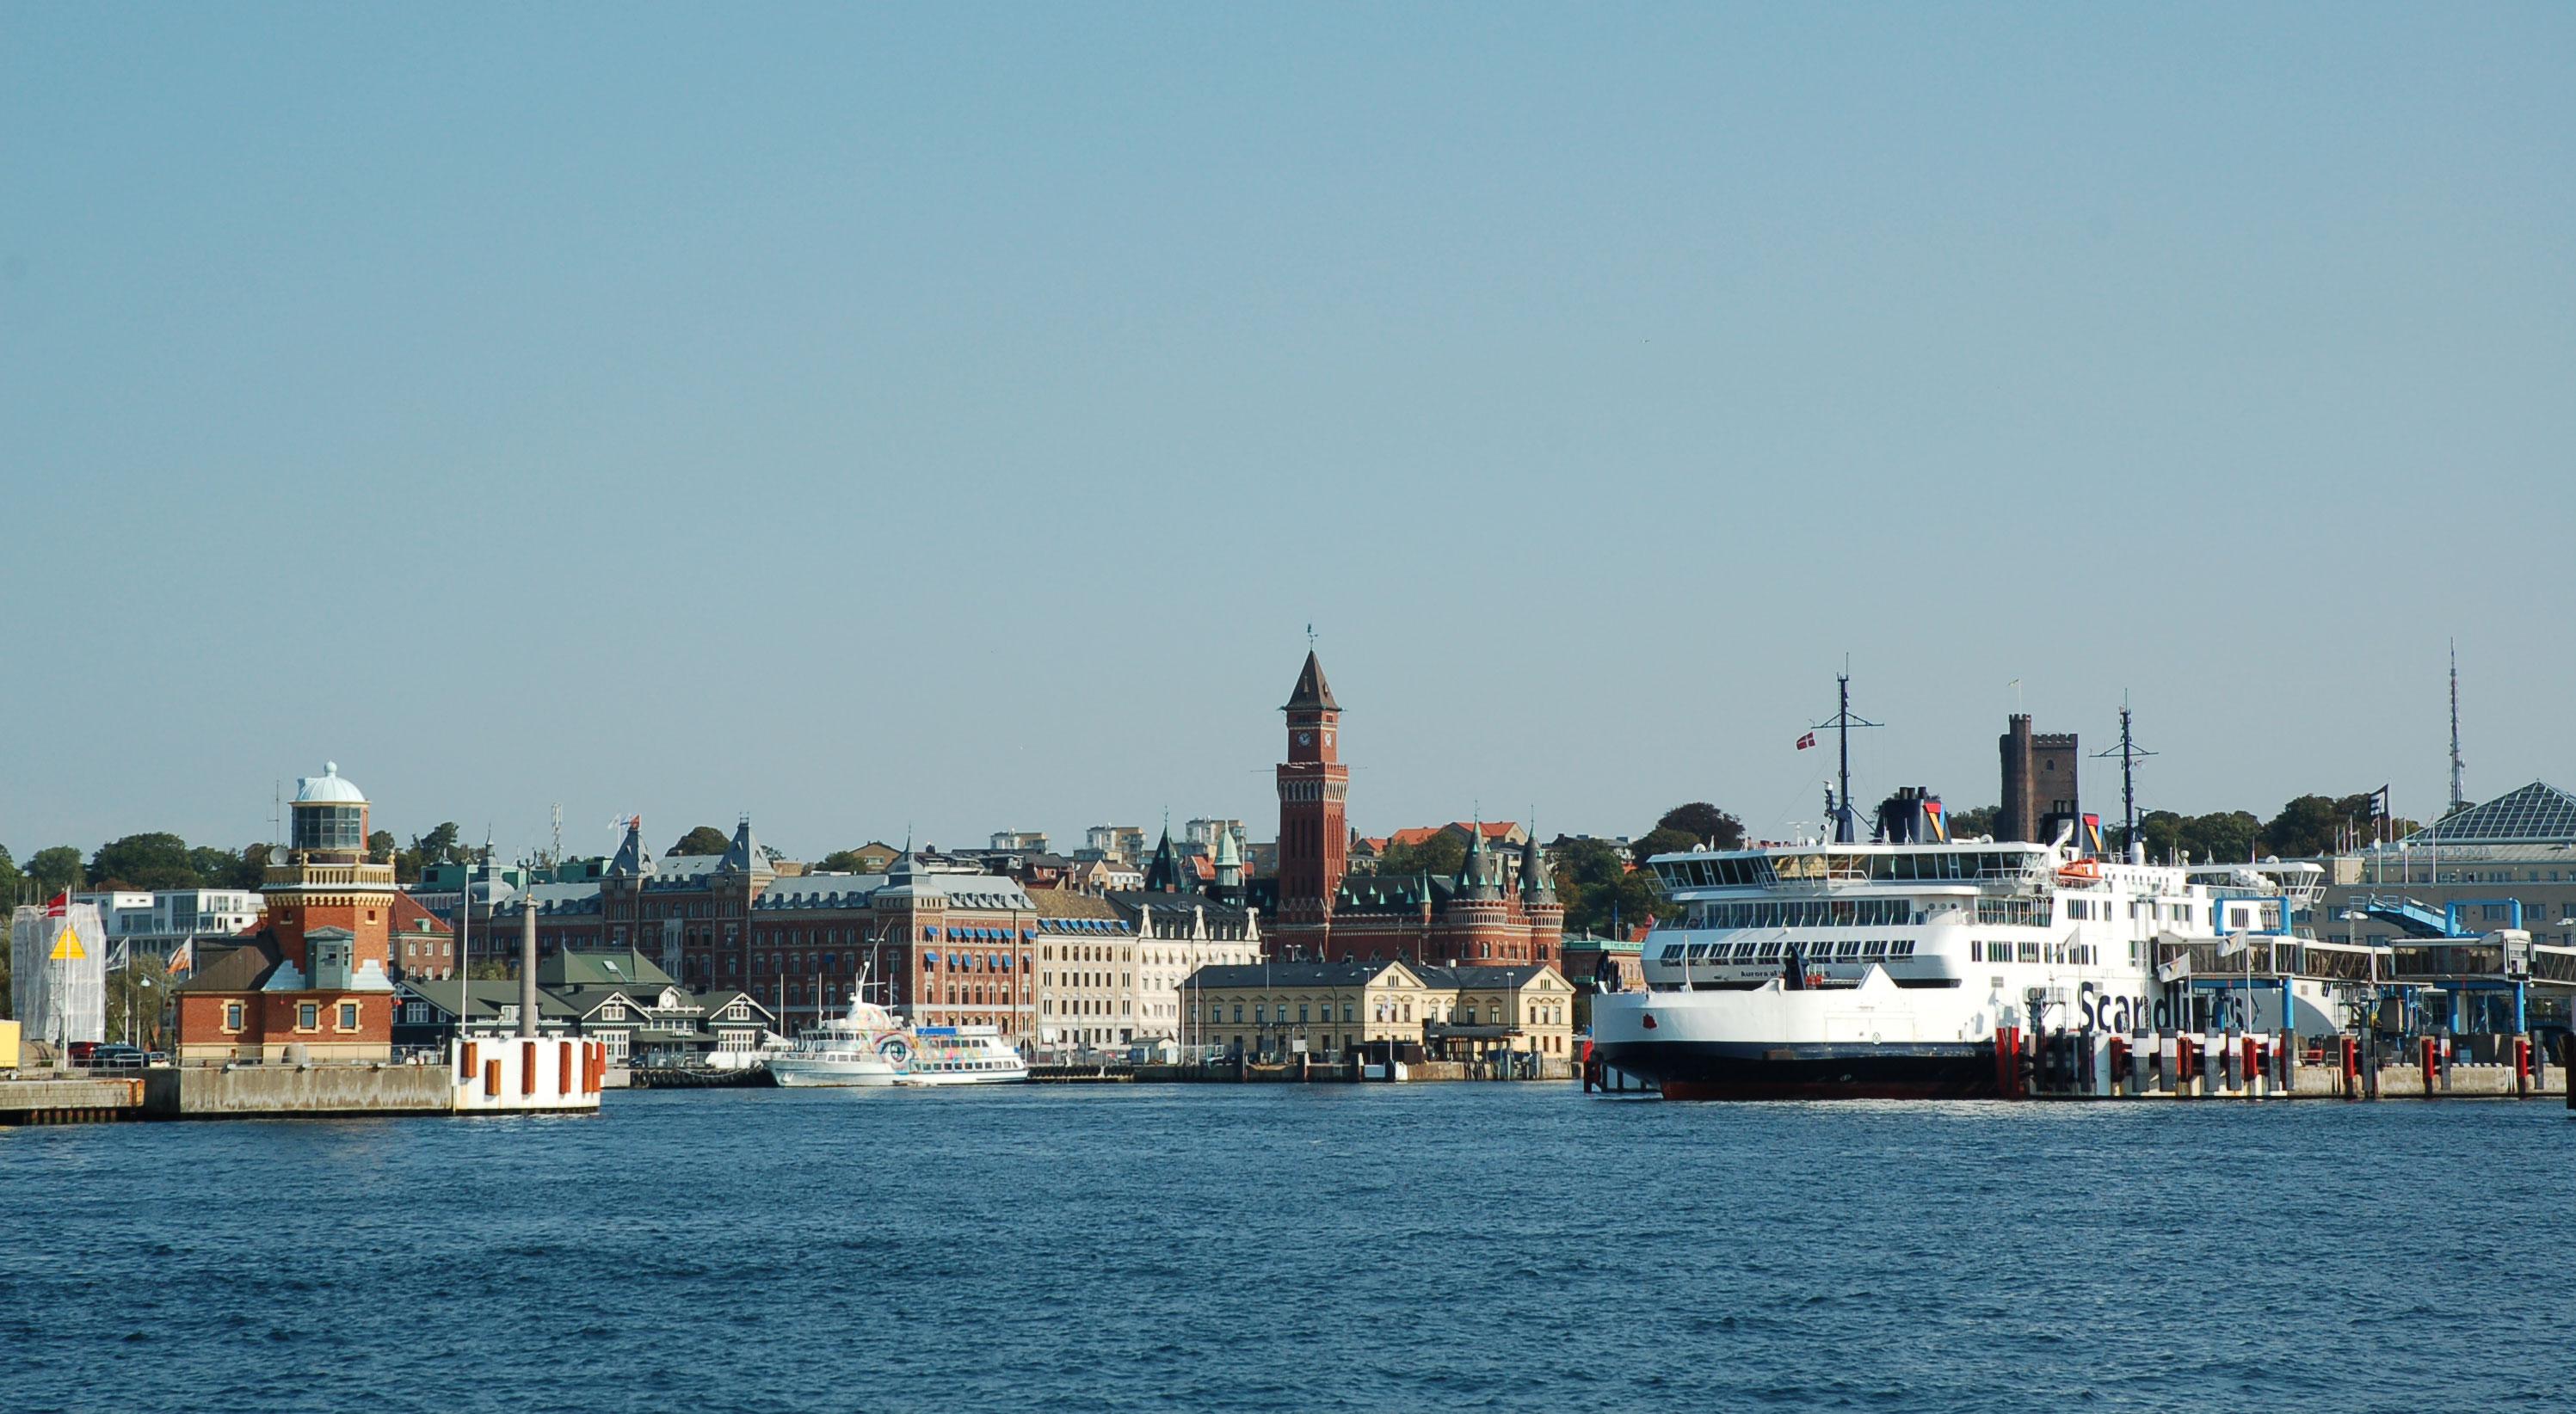 Helsingborg-Scandlines